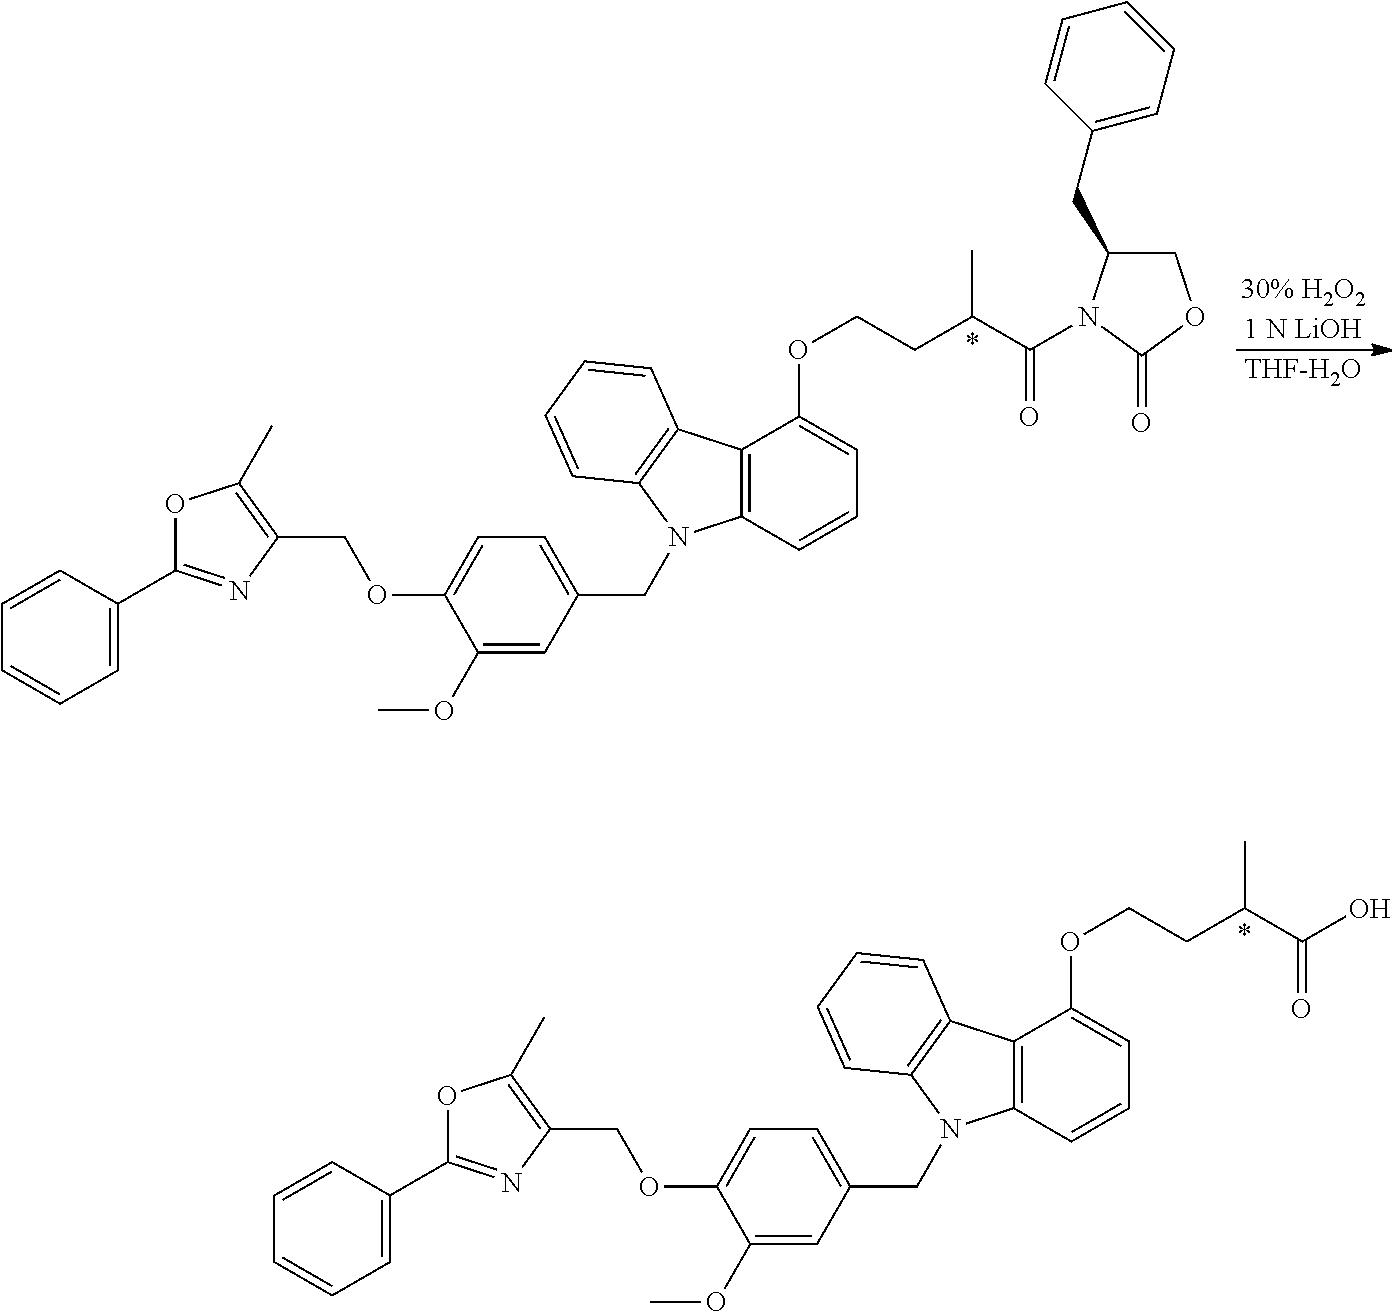 Figure US08329913-20121211-C00118